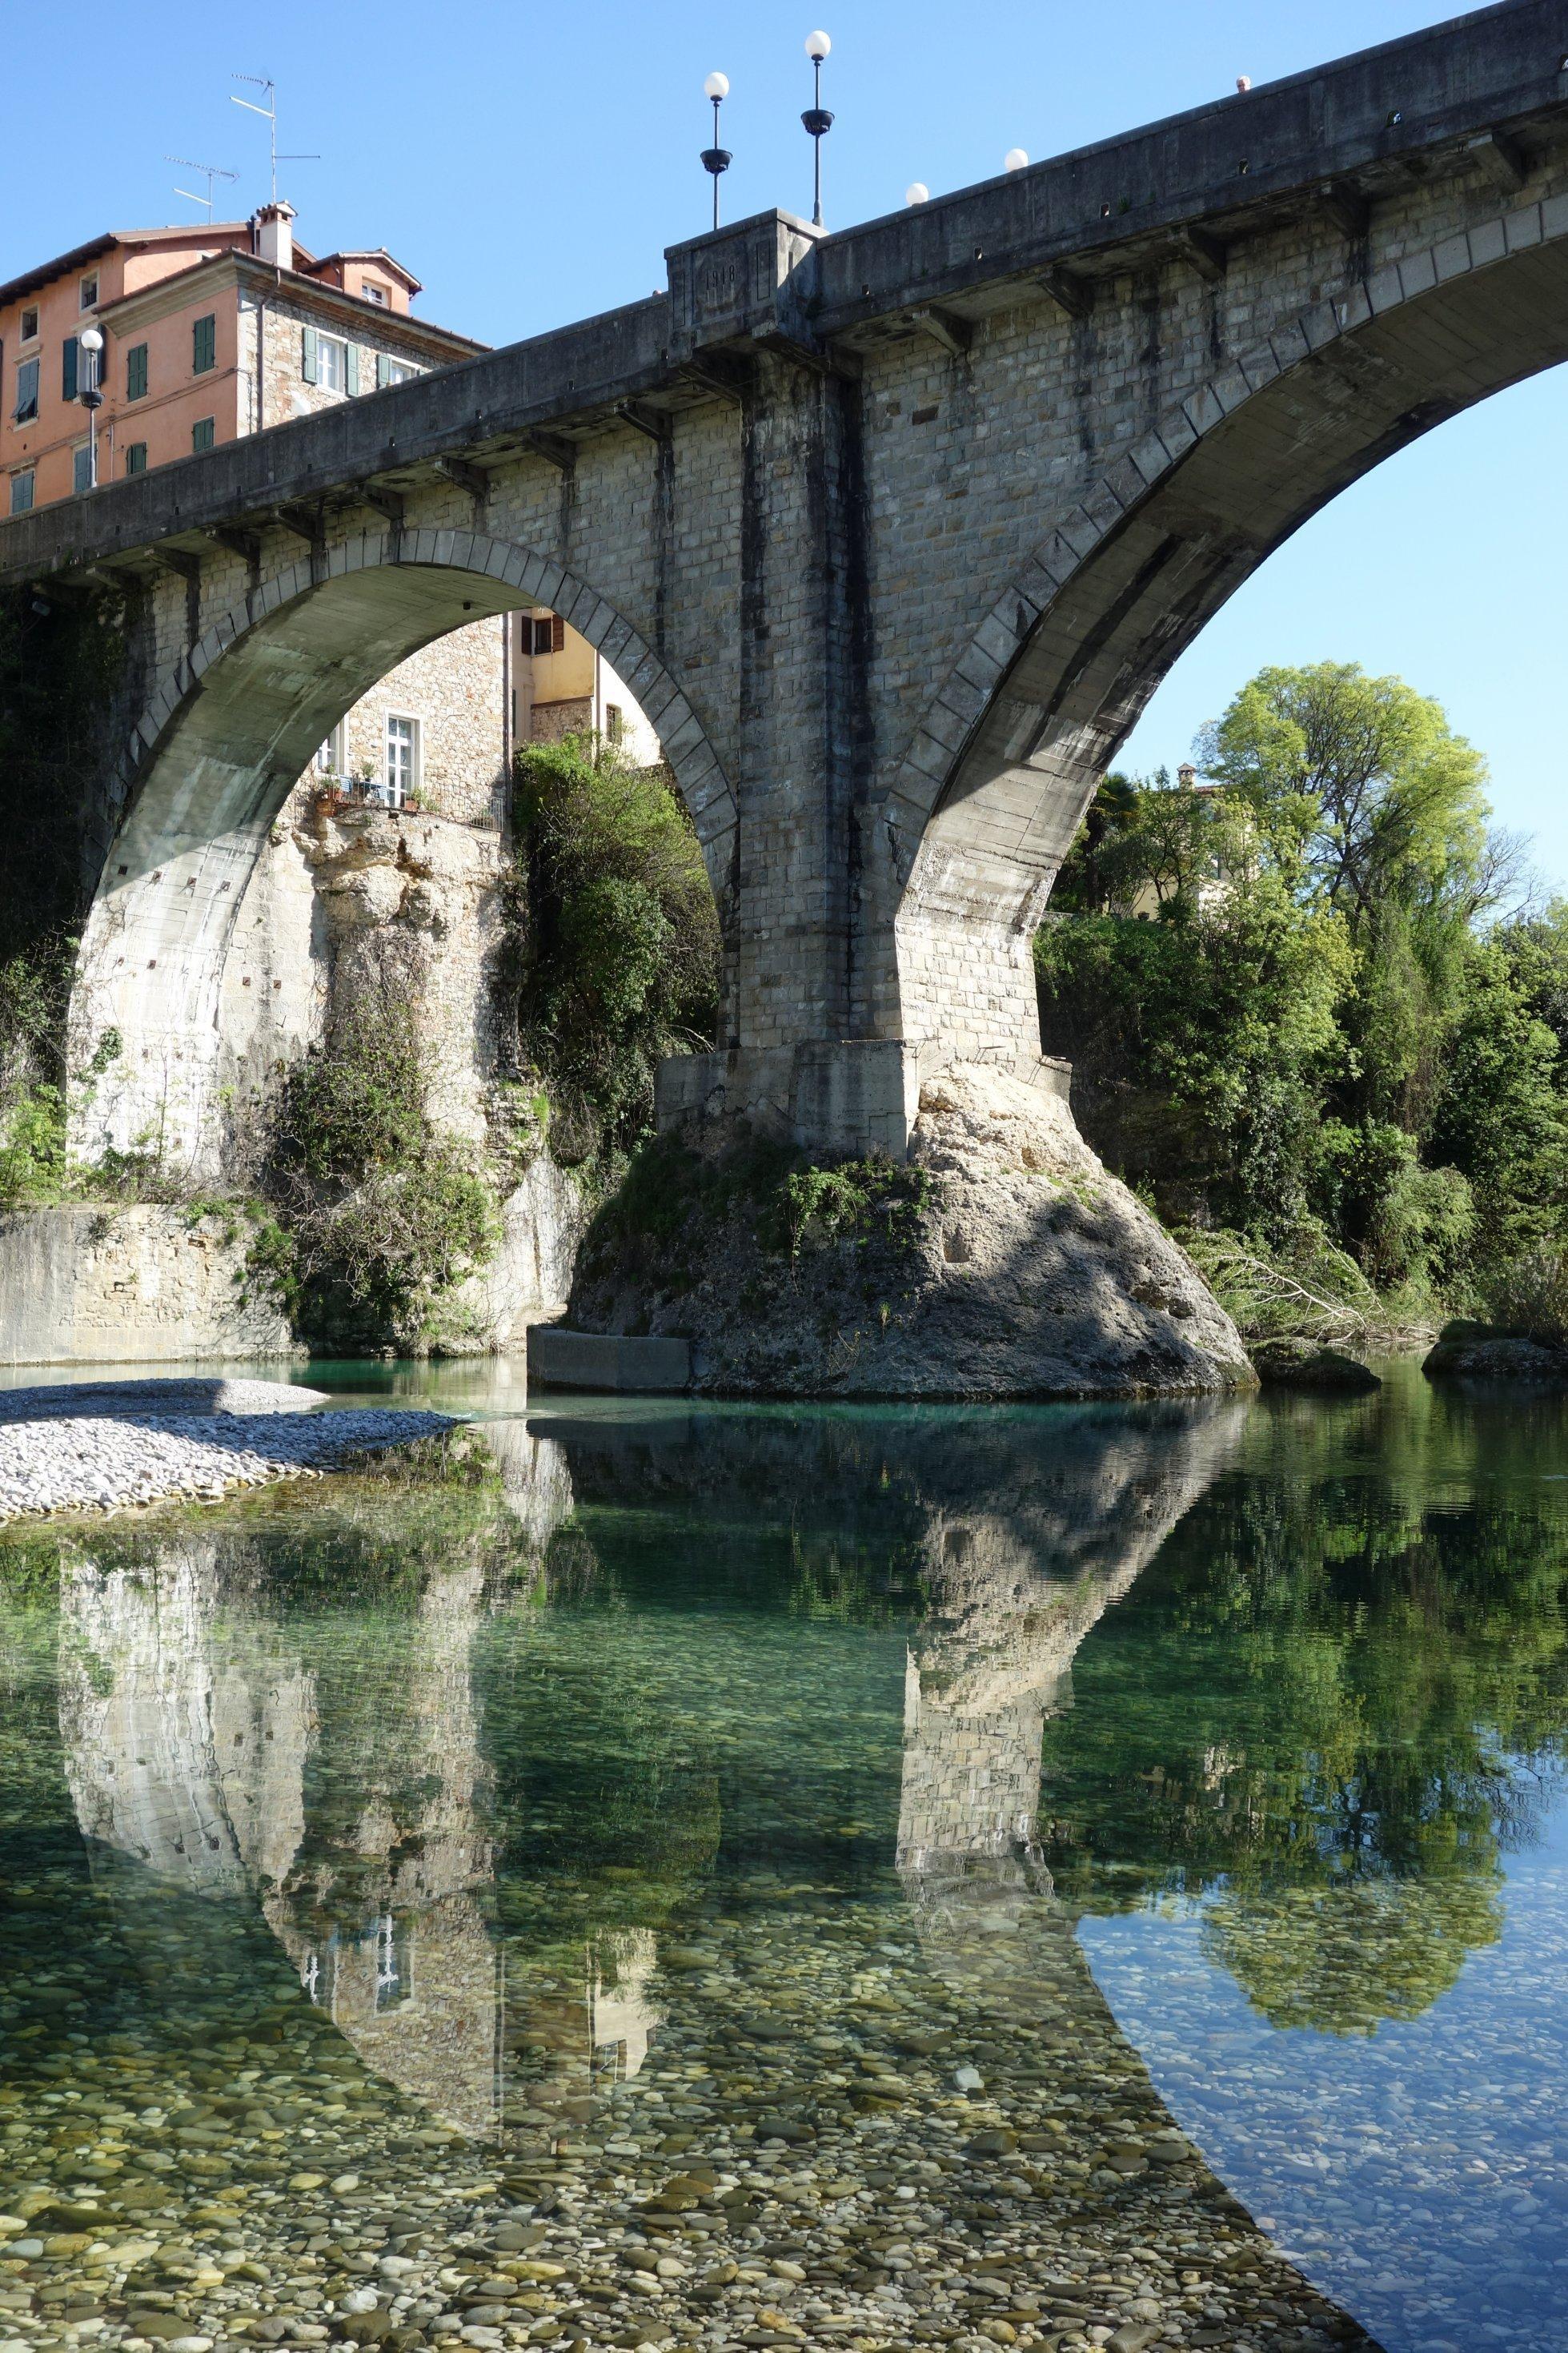 Mächtige alte Brücke aus Stein, darunter ein ganz klarer grüner Fluss, links oben an der Brücke ein altes italienisches Haus.